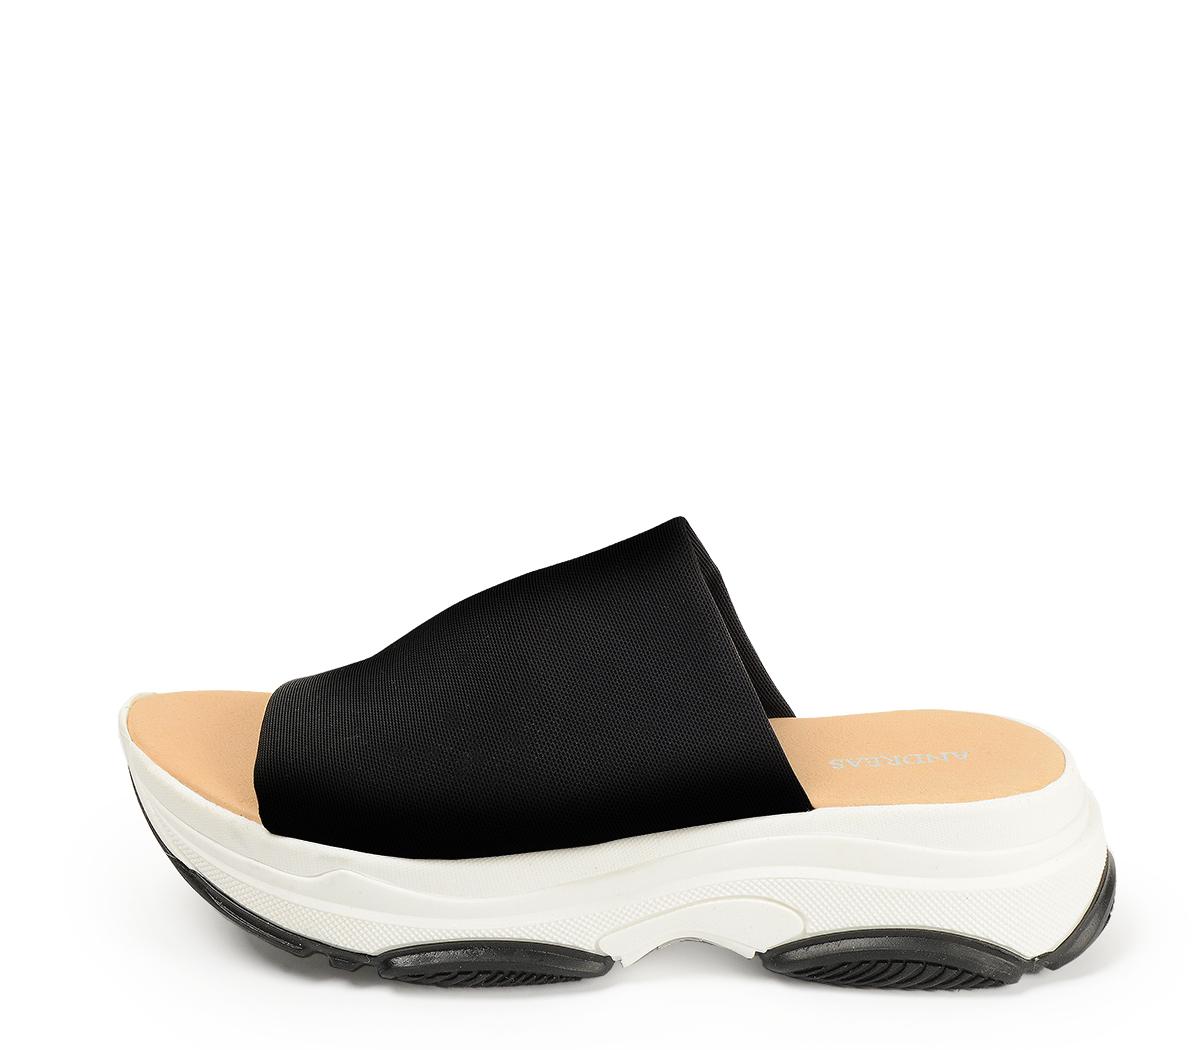 Ref. 4339 Sandalia con pala licra negra y suela tipo sneaker.